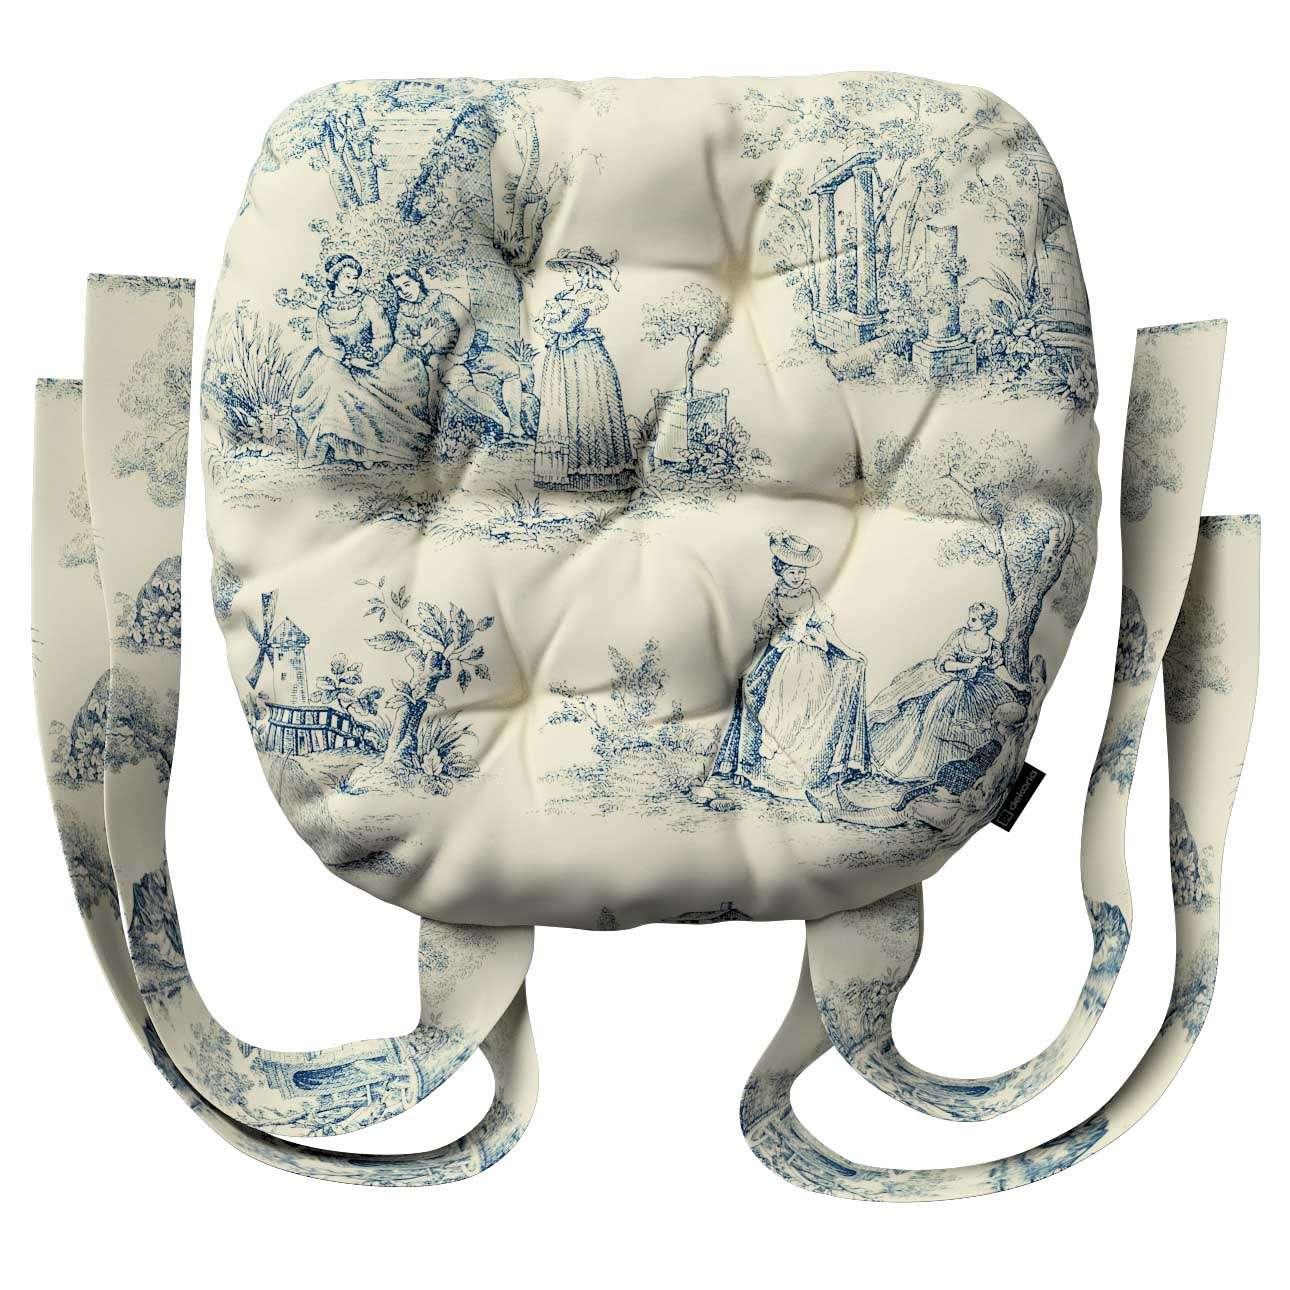 Siedzisko Marcin na krzesło 40x37x8cm w kolekcji Avinon, tkanina: 132-66